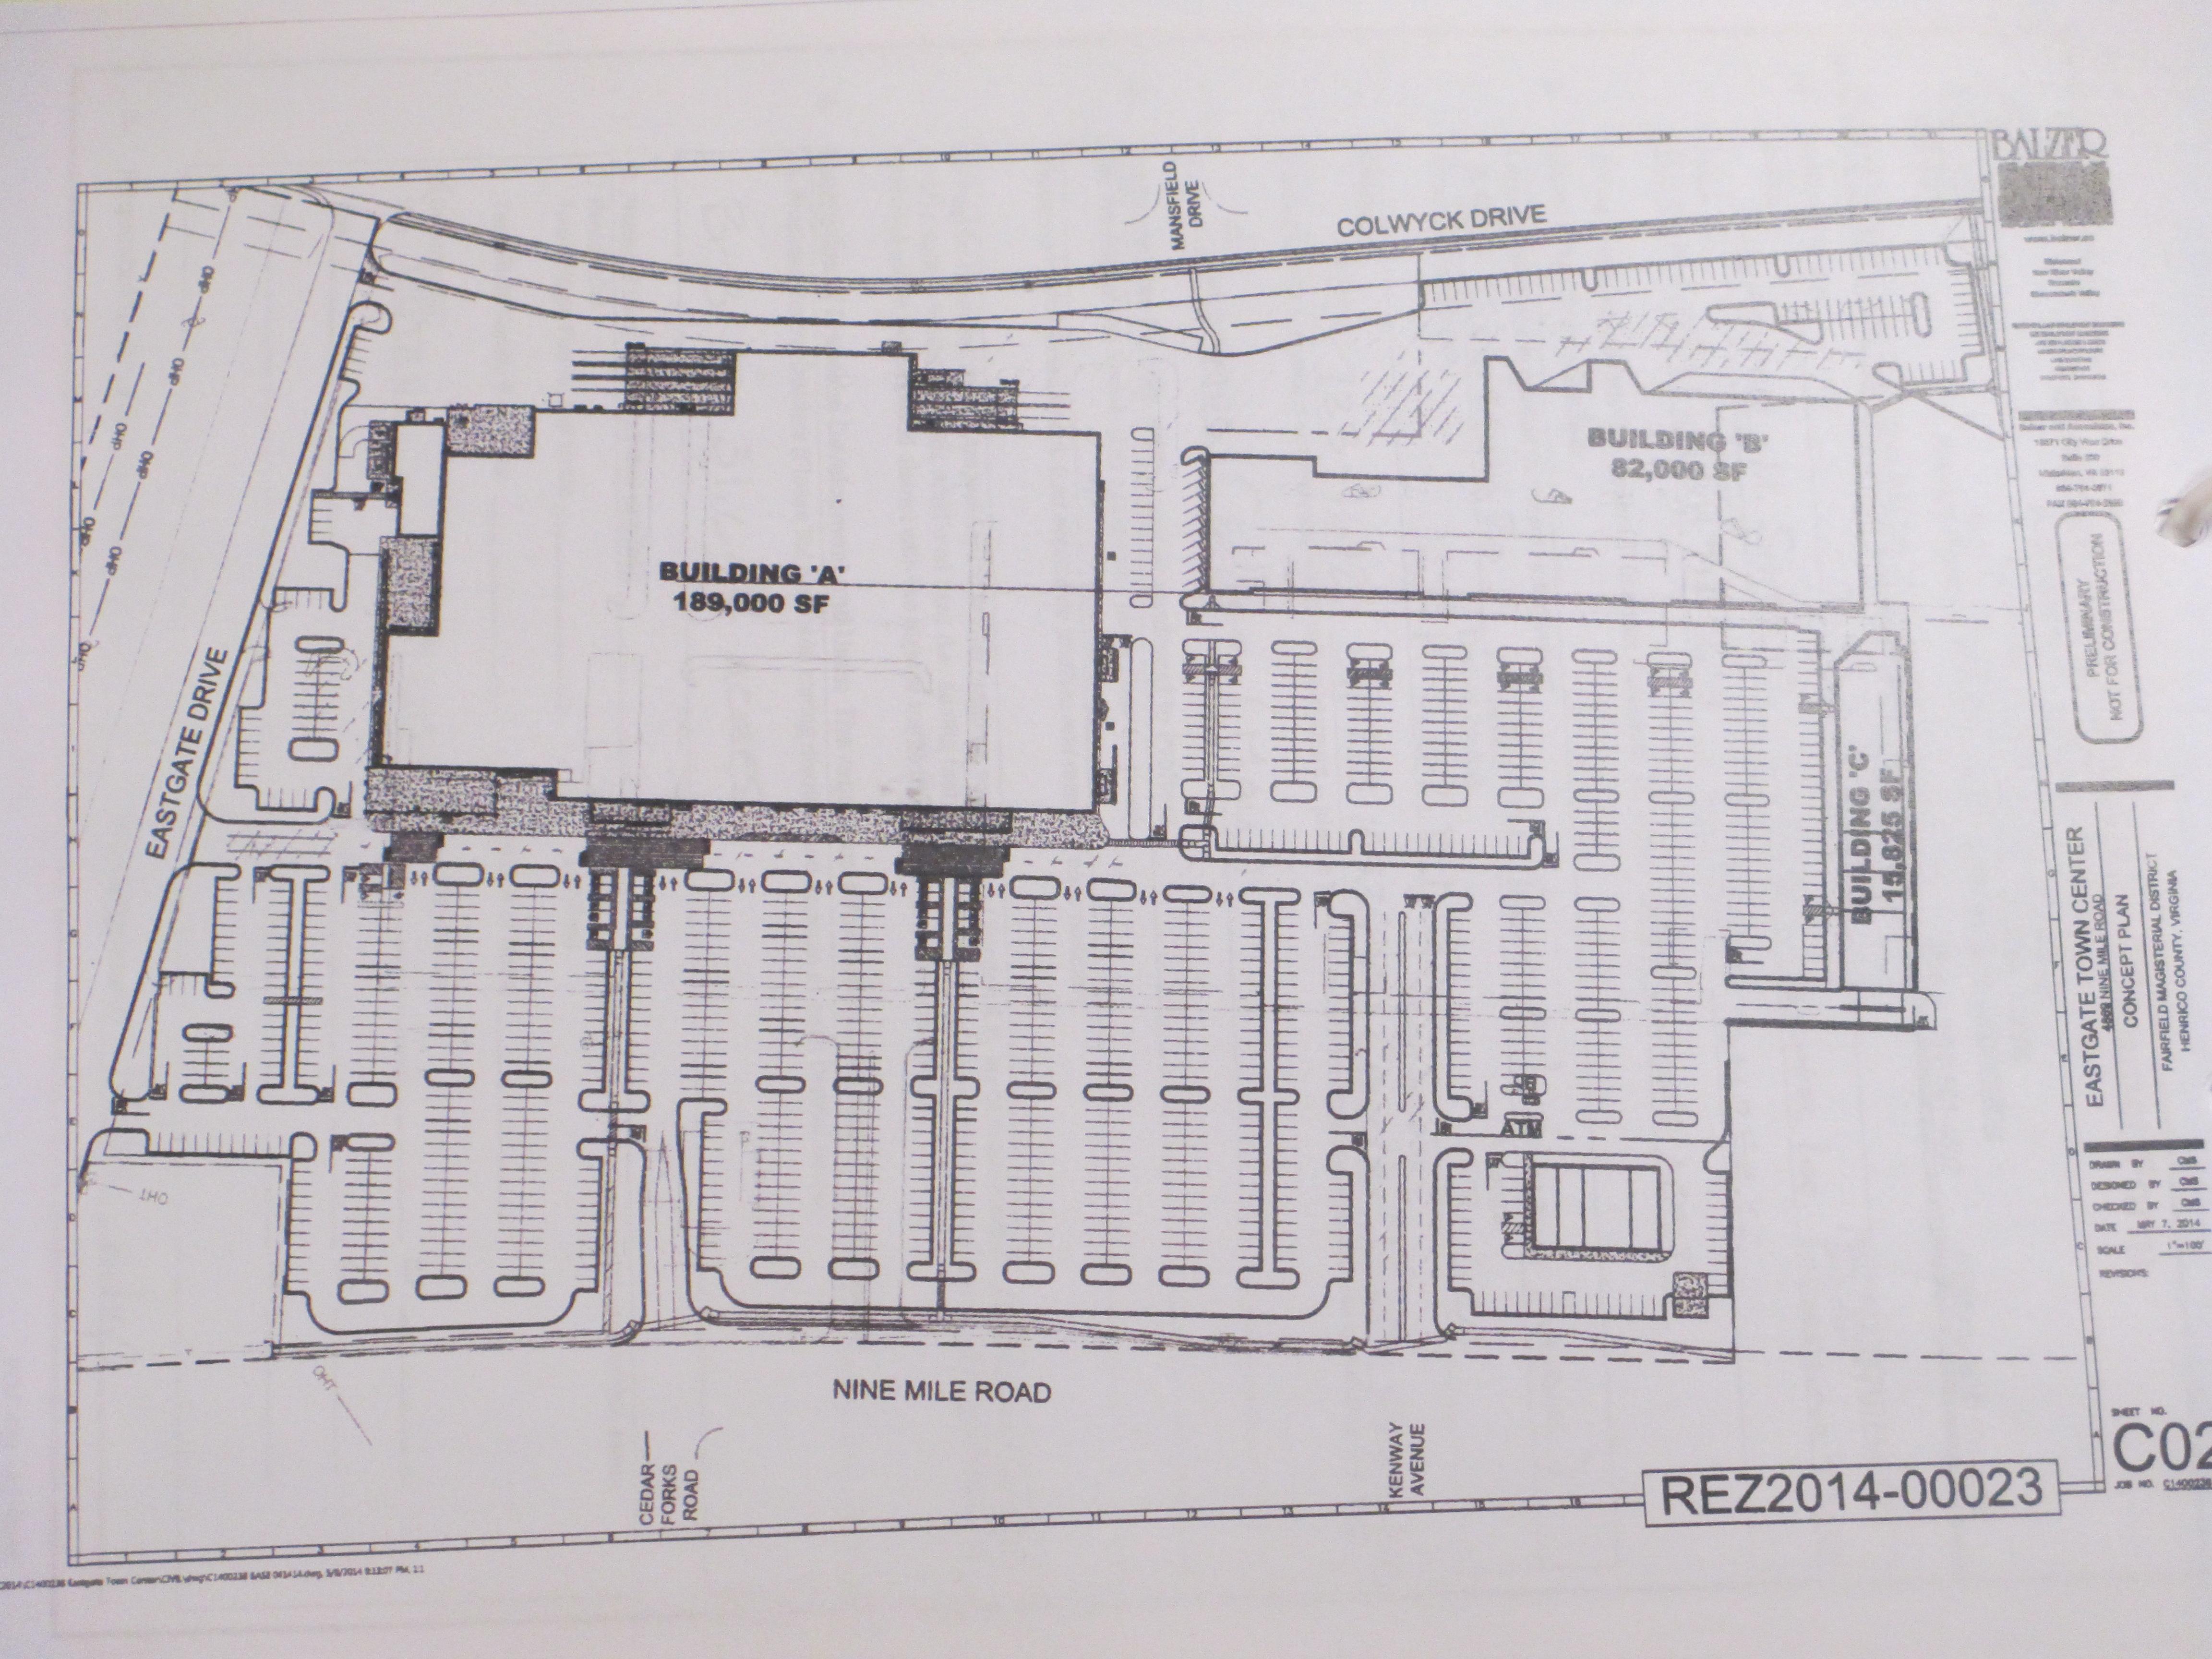 Walmart to add another location - Richmond BizSense